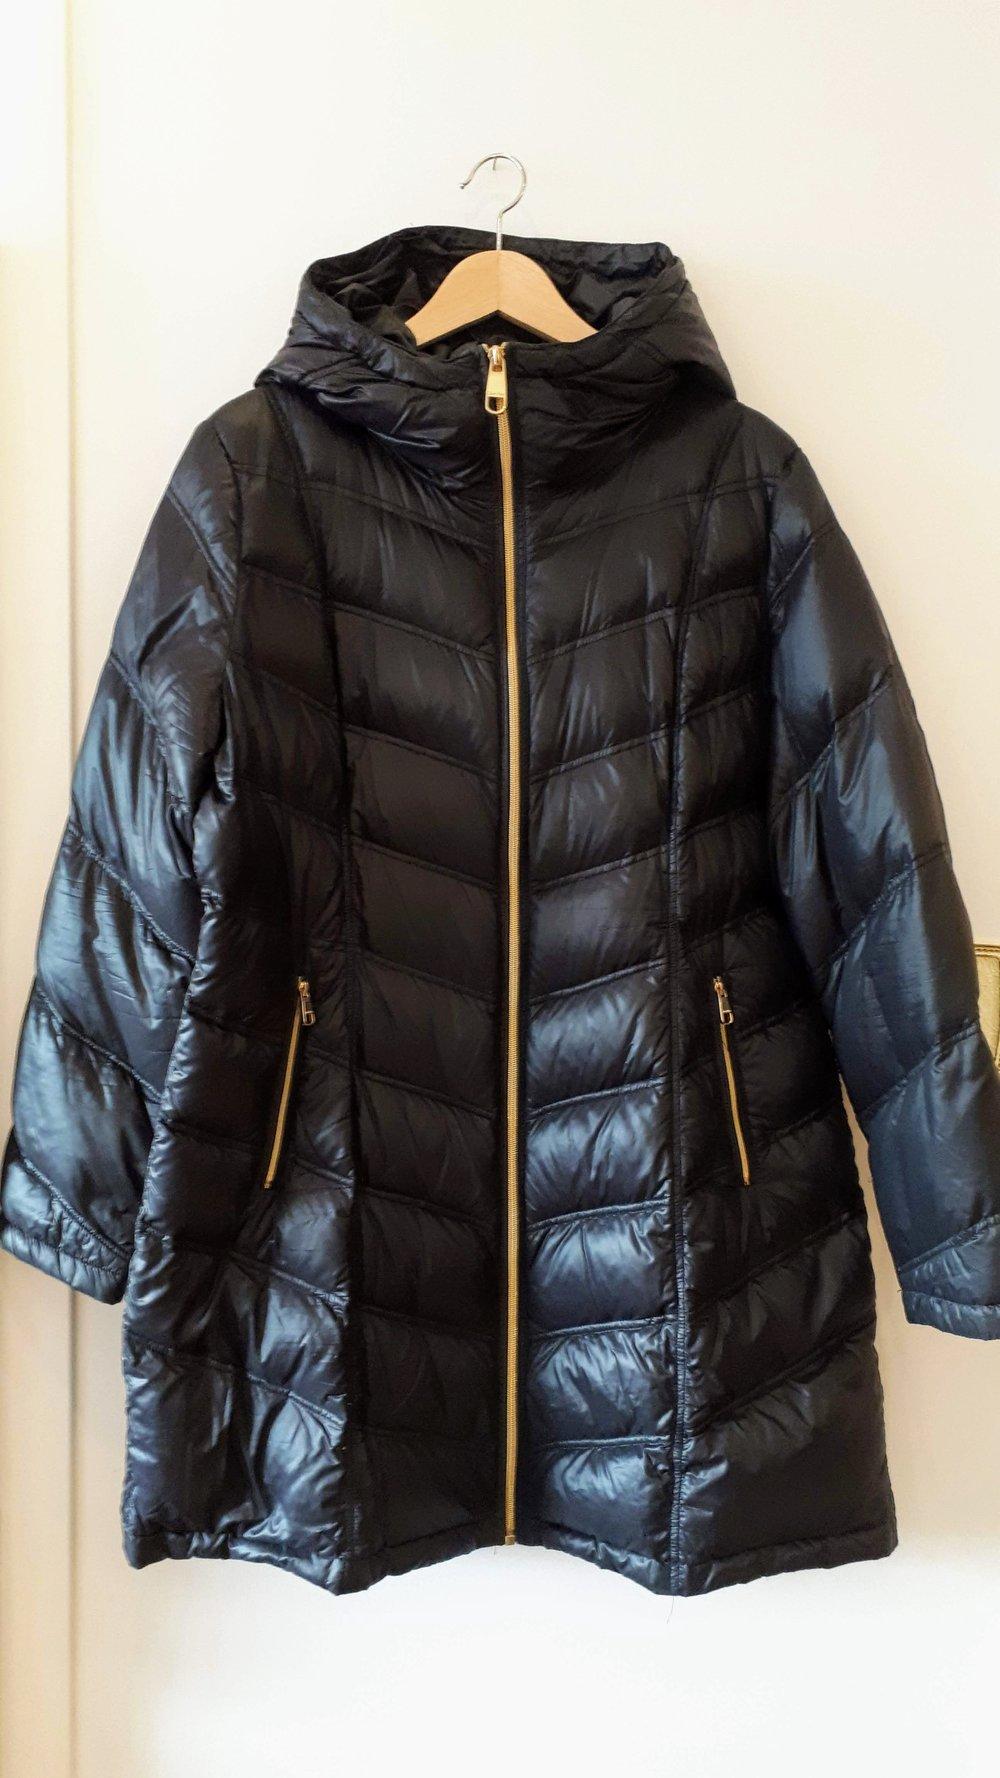 Calvin Klein coat; Size XL, $95